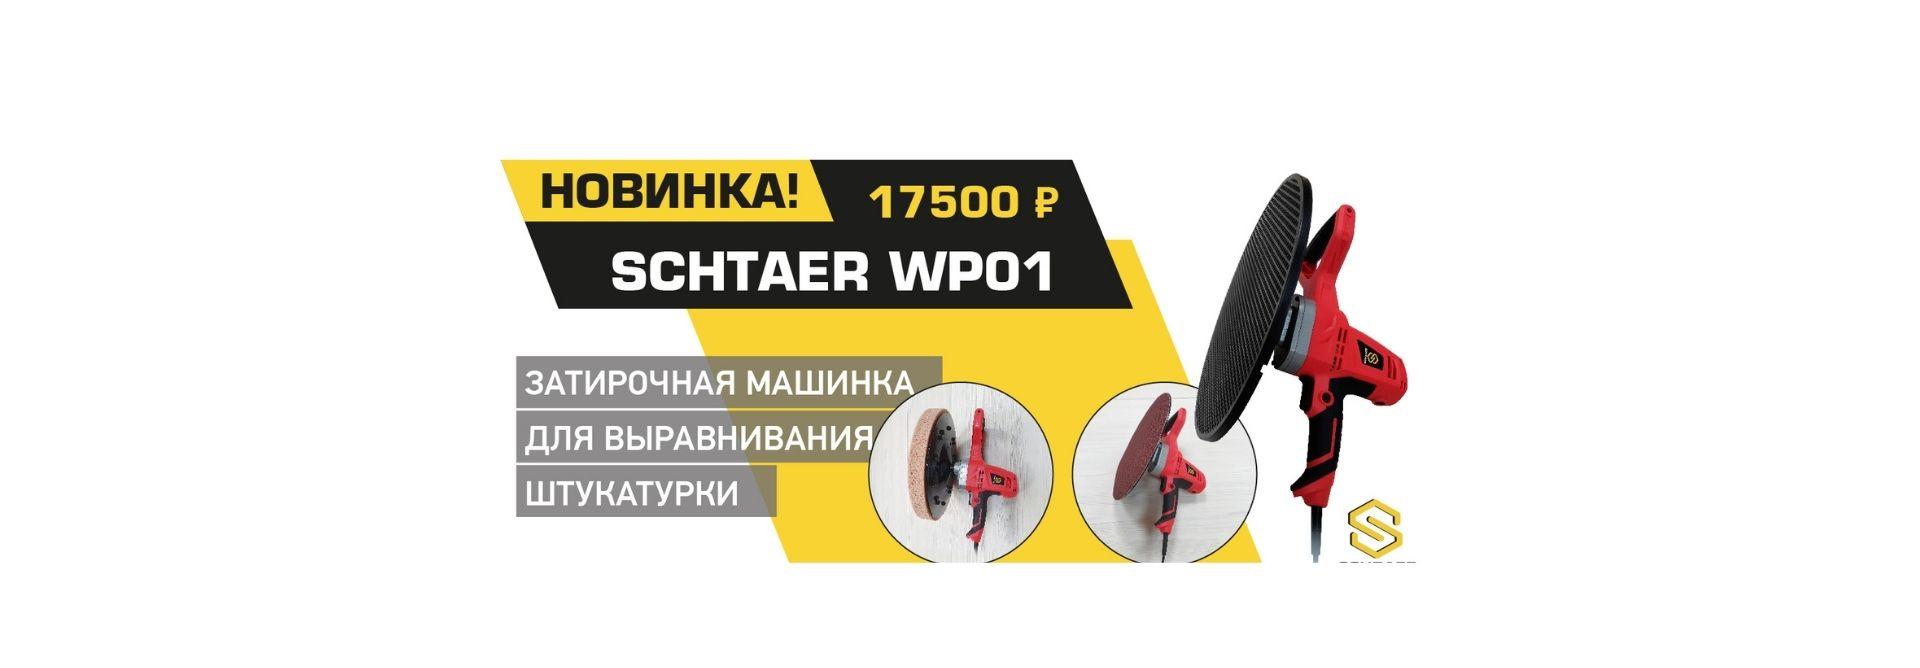 Затирочная машинка для выравнивания штукатурки SCHTAER WP01